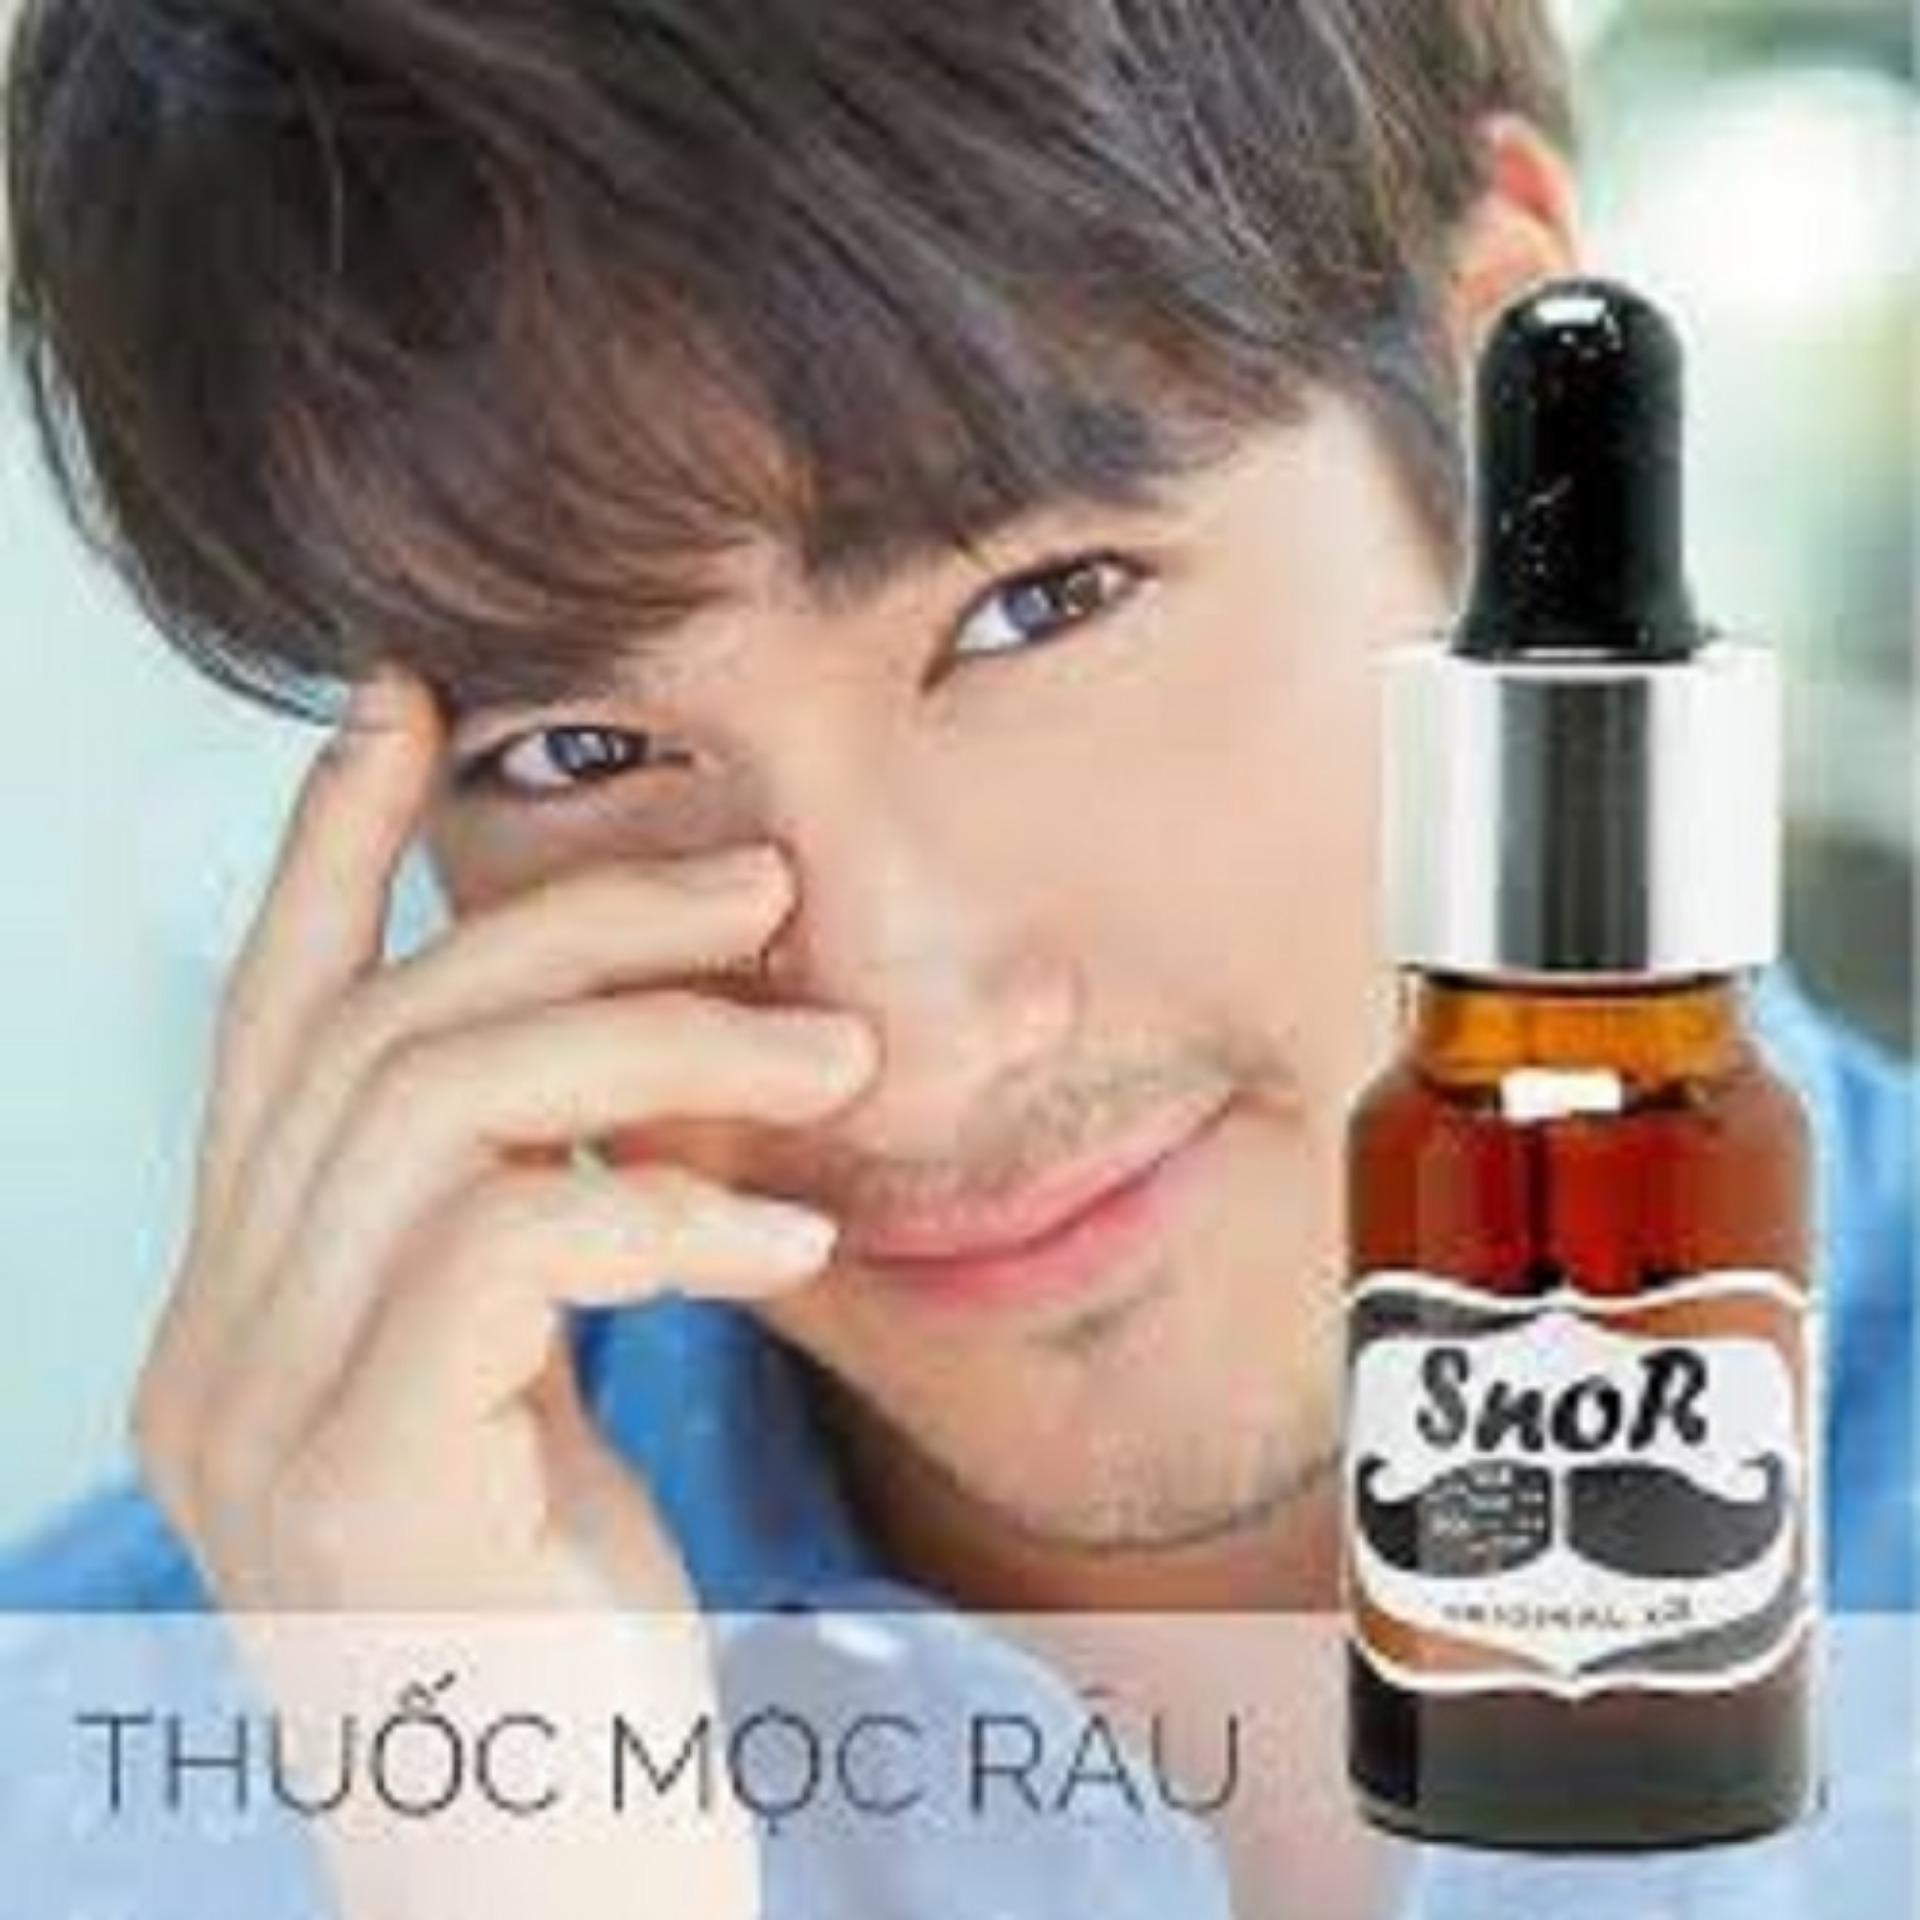 Thuốc bôi mọc râu cằm, quai nón, lông, tóc snor thái lan tốt nhất